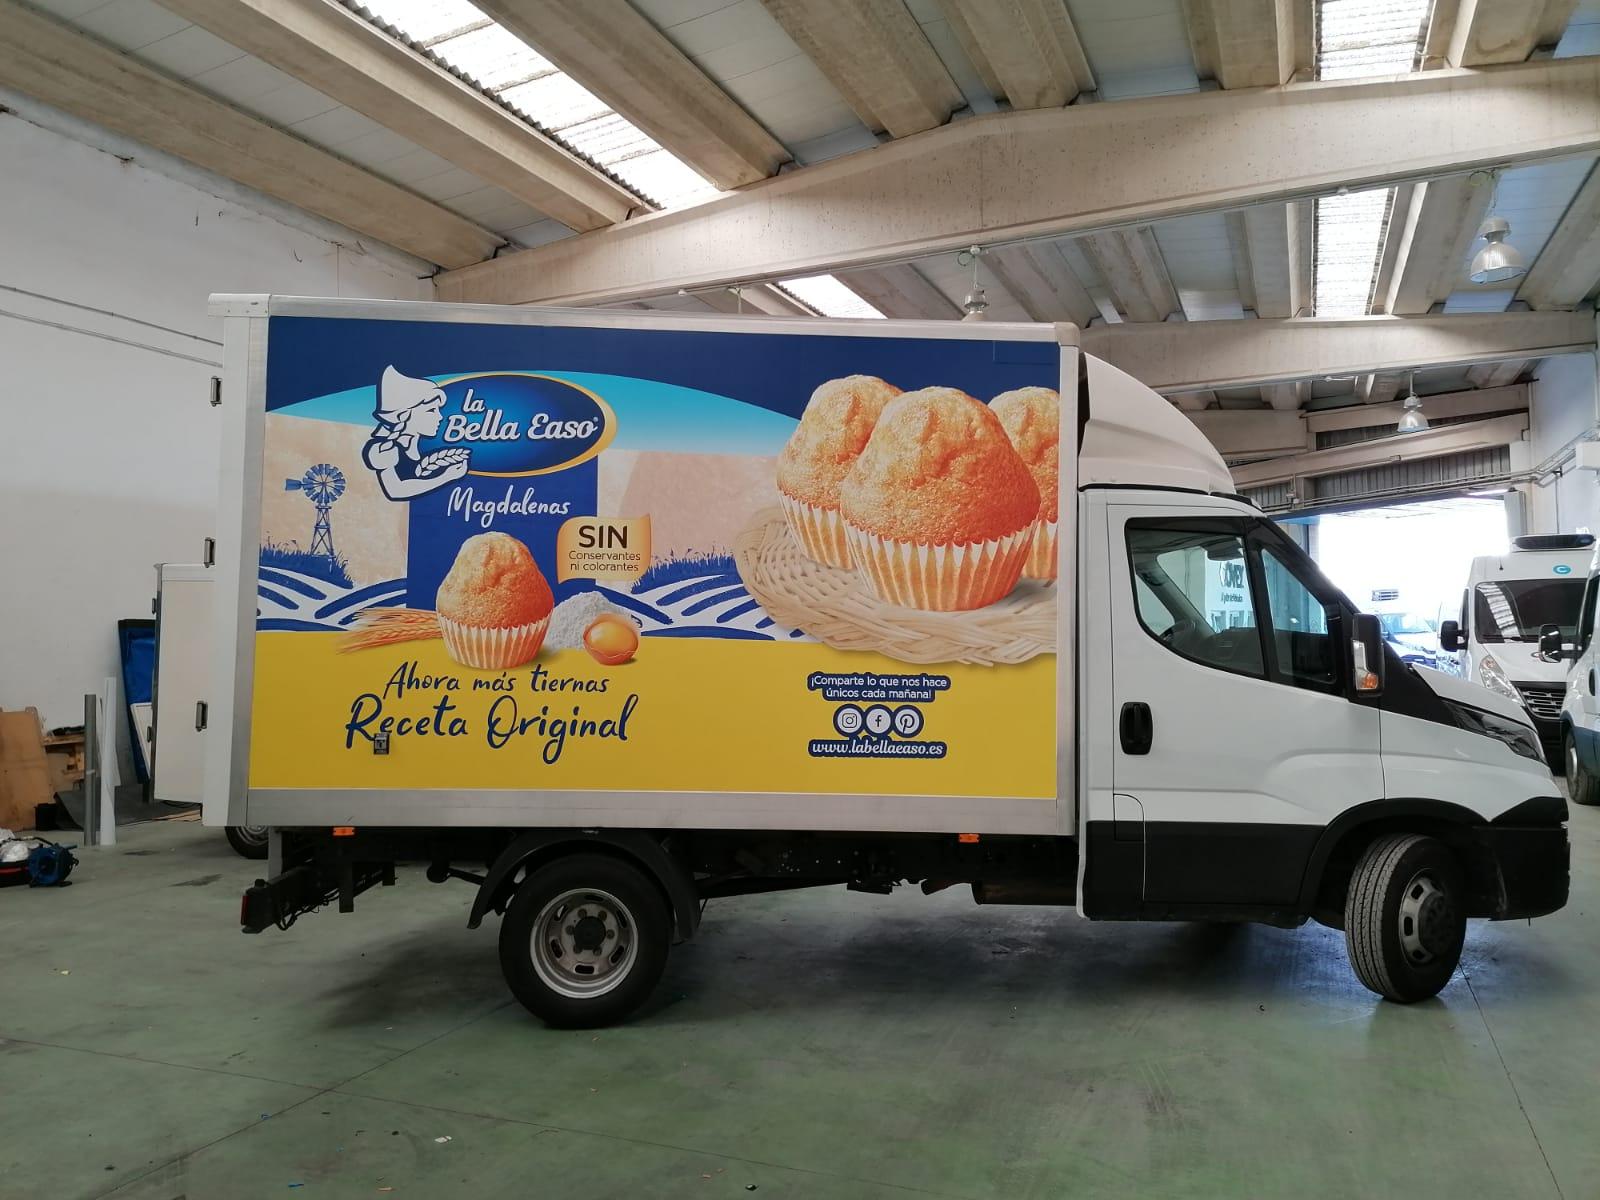 Rotulación camión publicitario